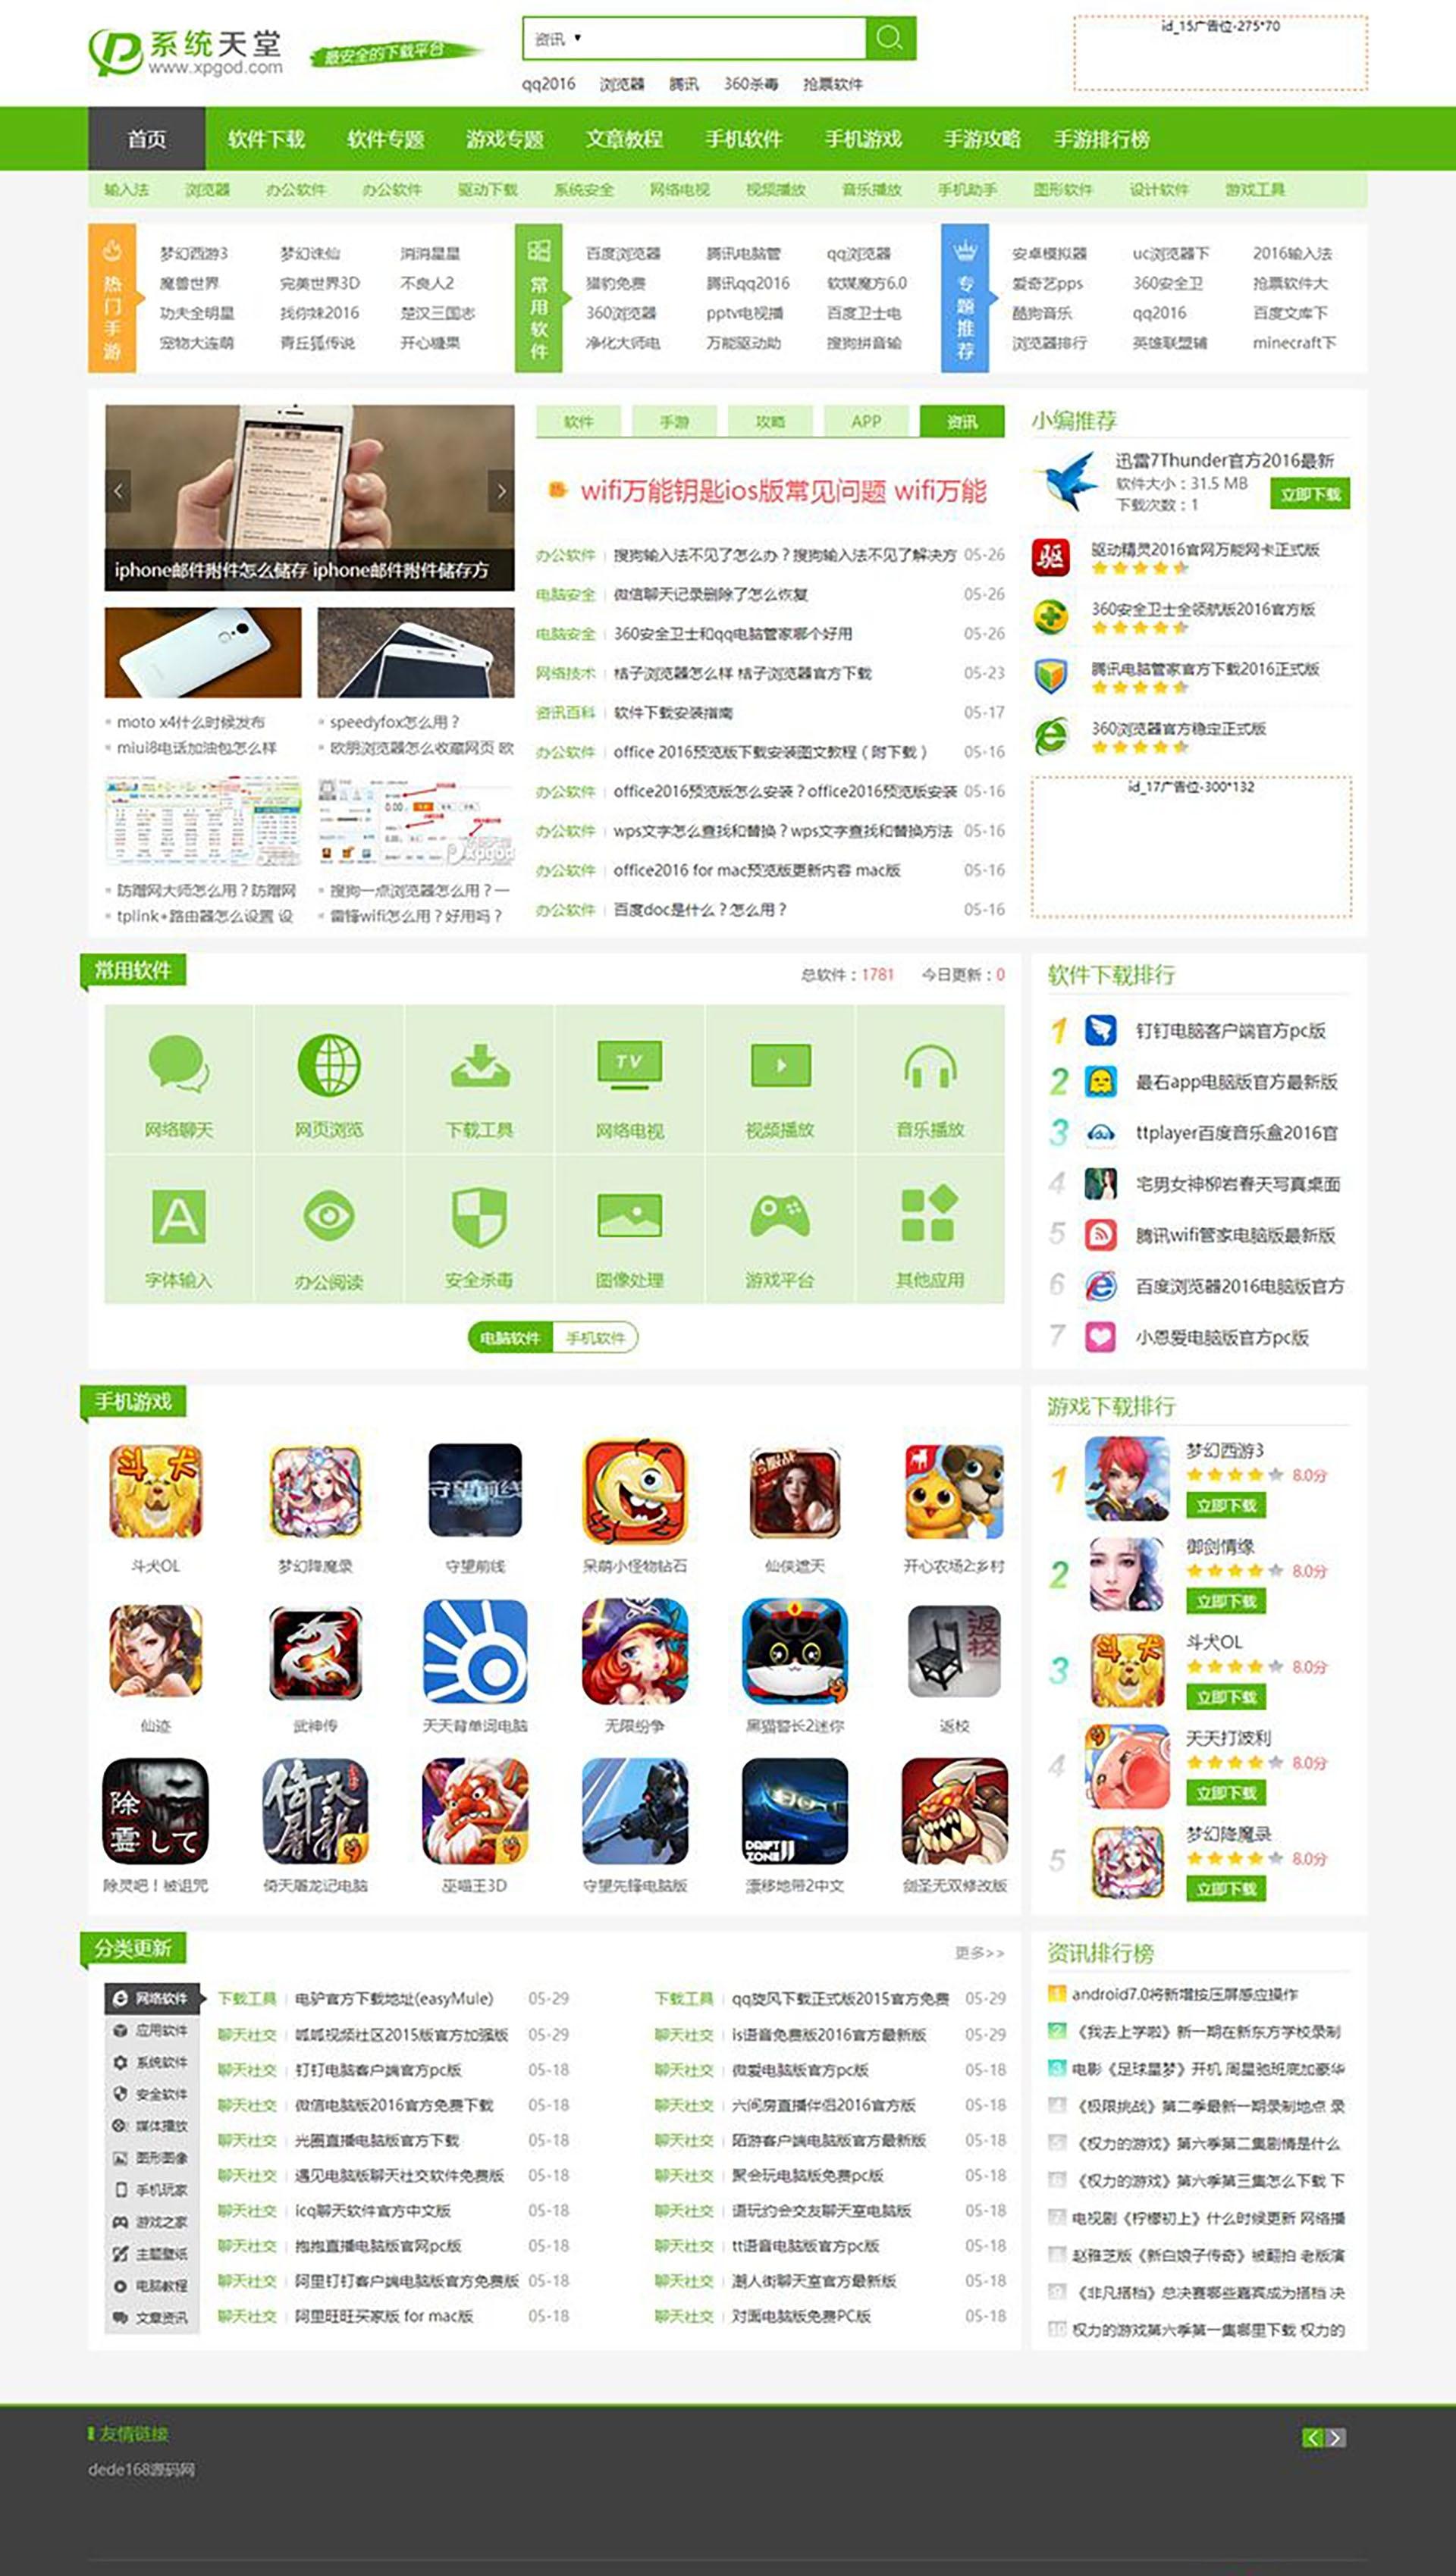 【软件下载站】帝国CMS7.2仿系统天堂网站模板带有火车采集+手机版